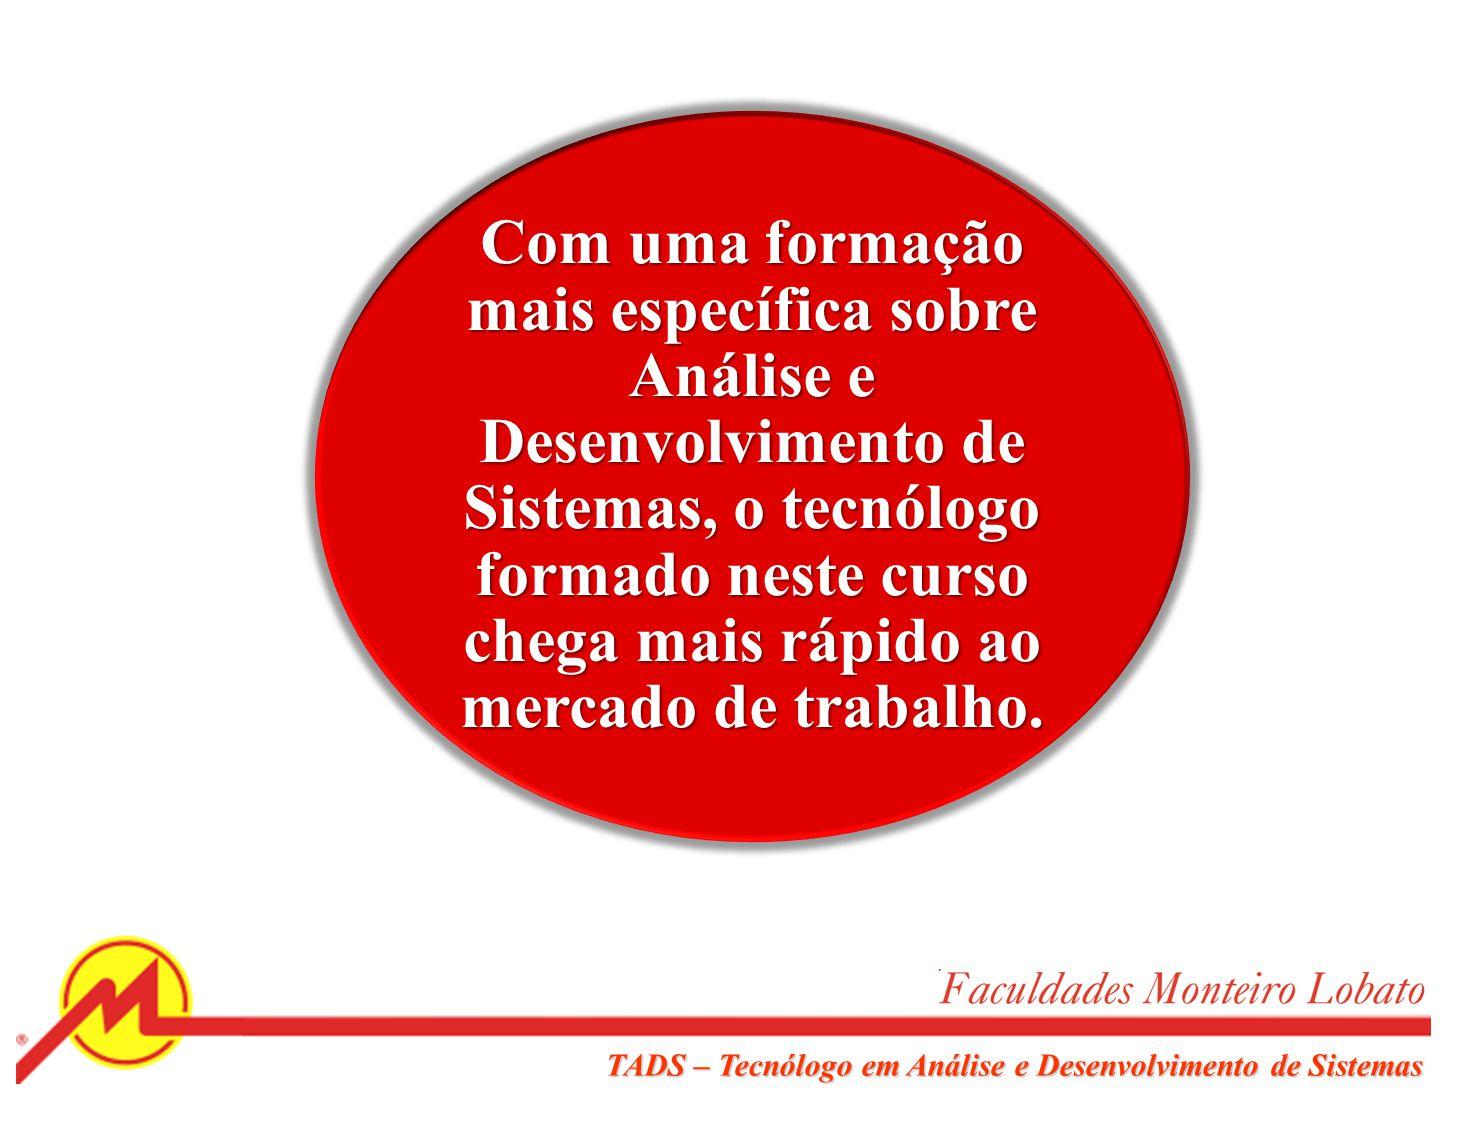 TADS – Tecnólogo em Análise e Desenvolvimento de Sistemas Quando analisamos demonstrativos de consultorias de RH ou de empresas que trabalham com alocação de profissionais, e dados de grandes empresas do ramo sobre o seu quadro de profissionais, a constatação é única: existe hoje um déficit muito grande de pessoas no mercado brasileiro em TI